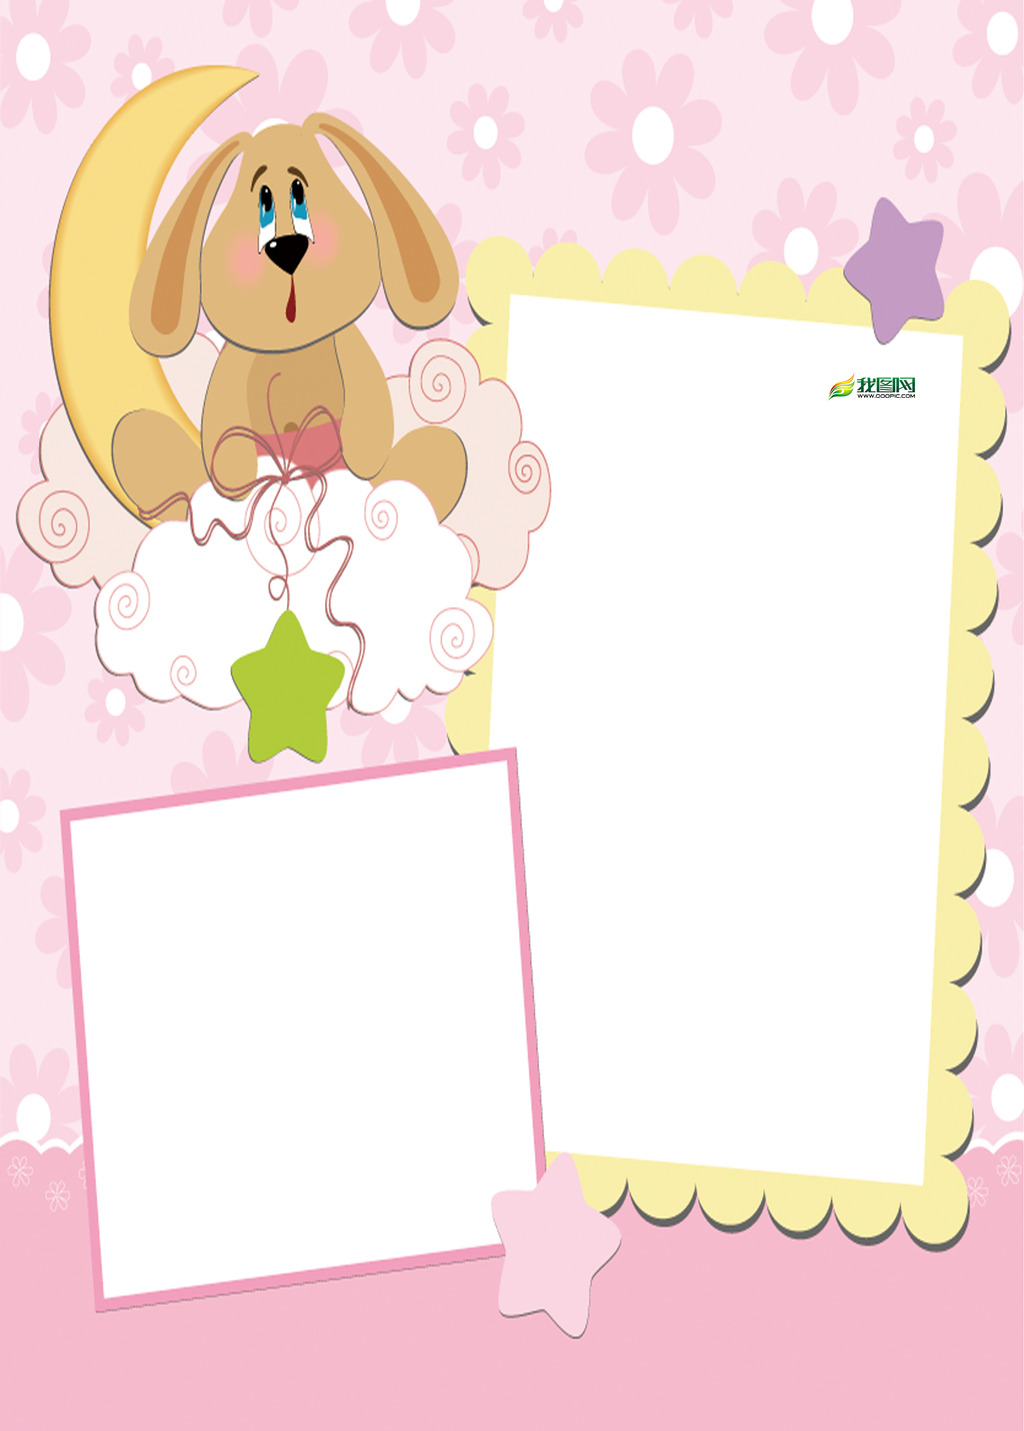 卡通信纸背景设计模板下载